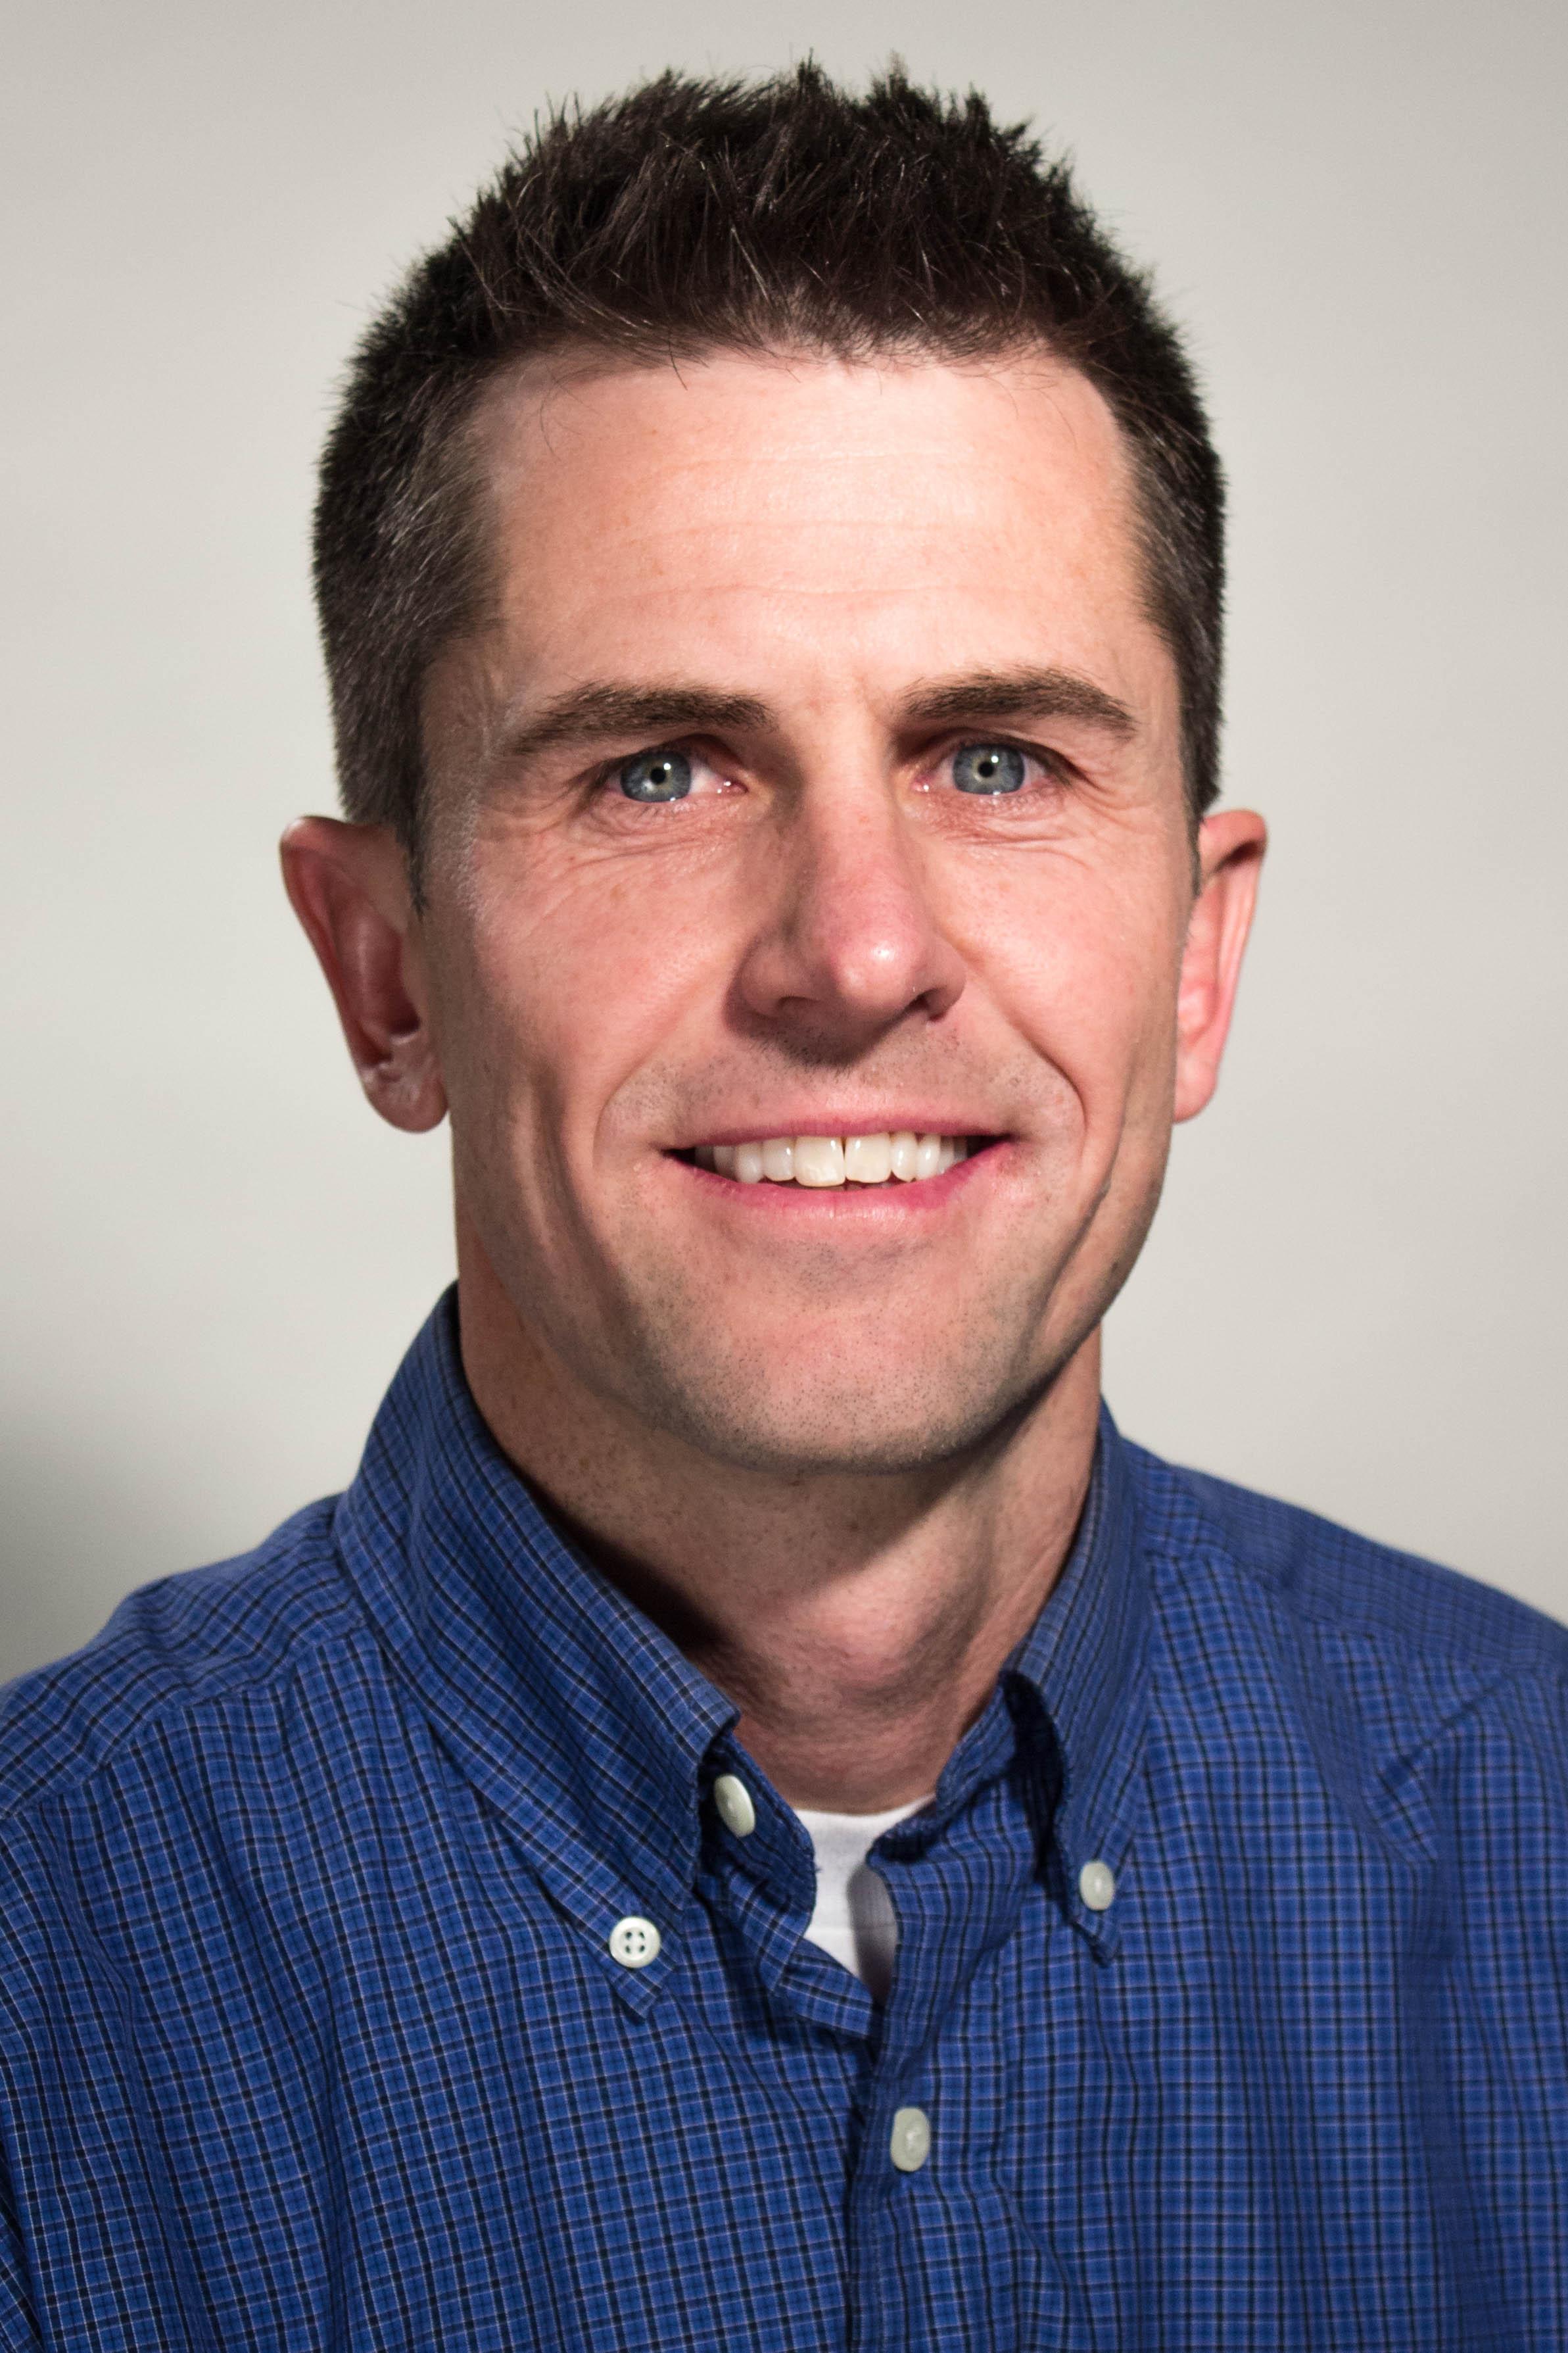 Jeff Belliston